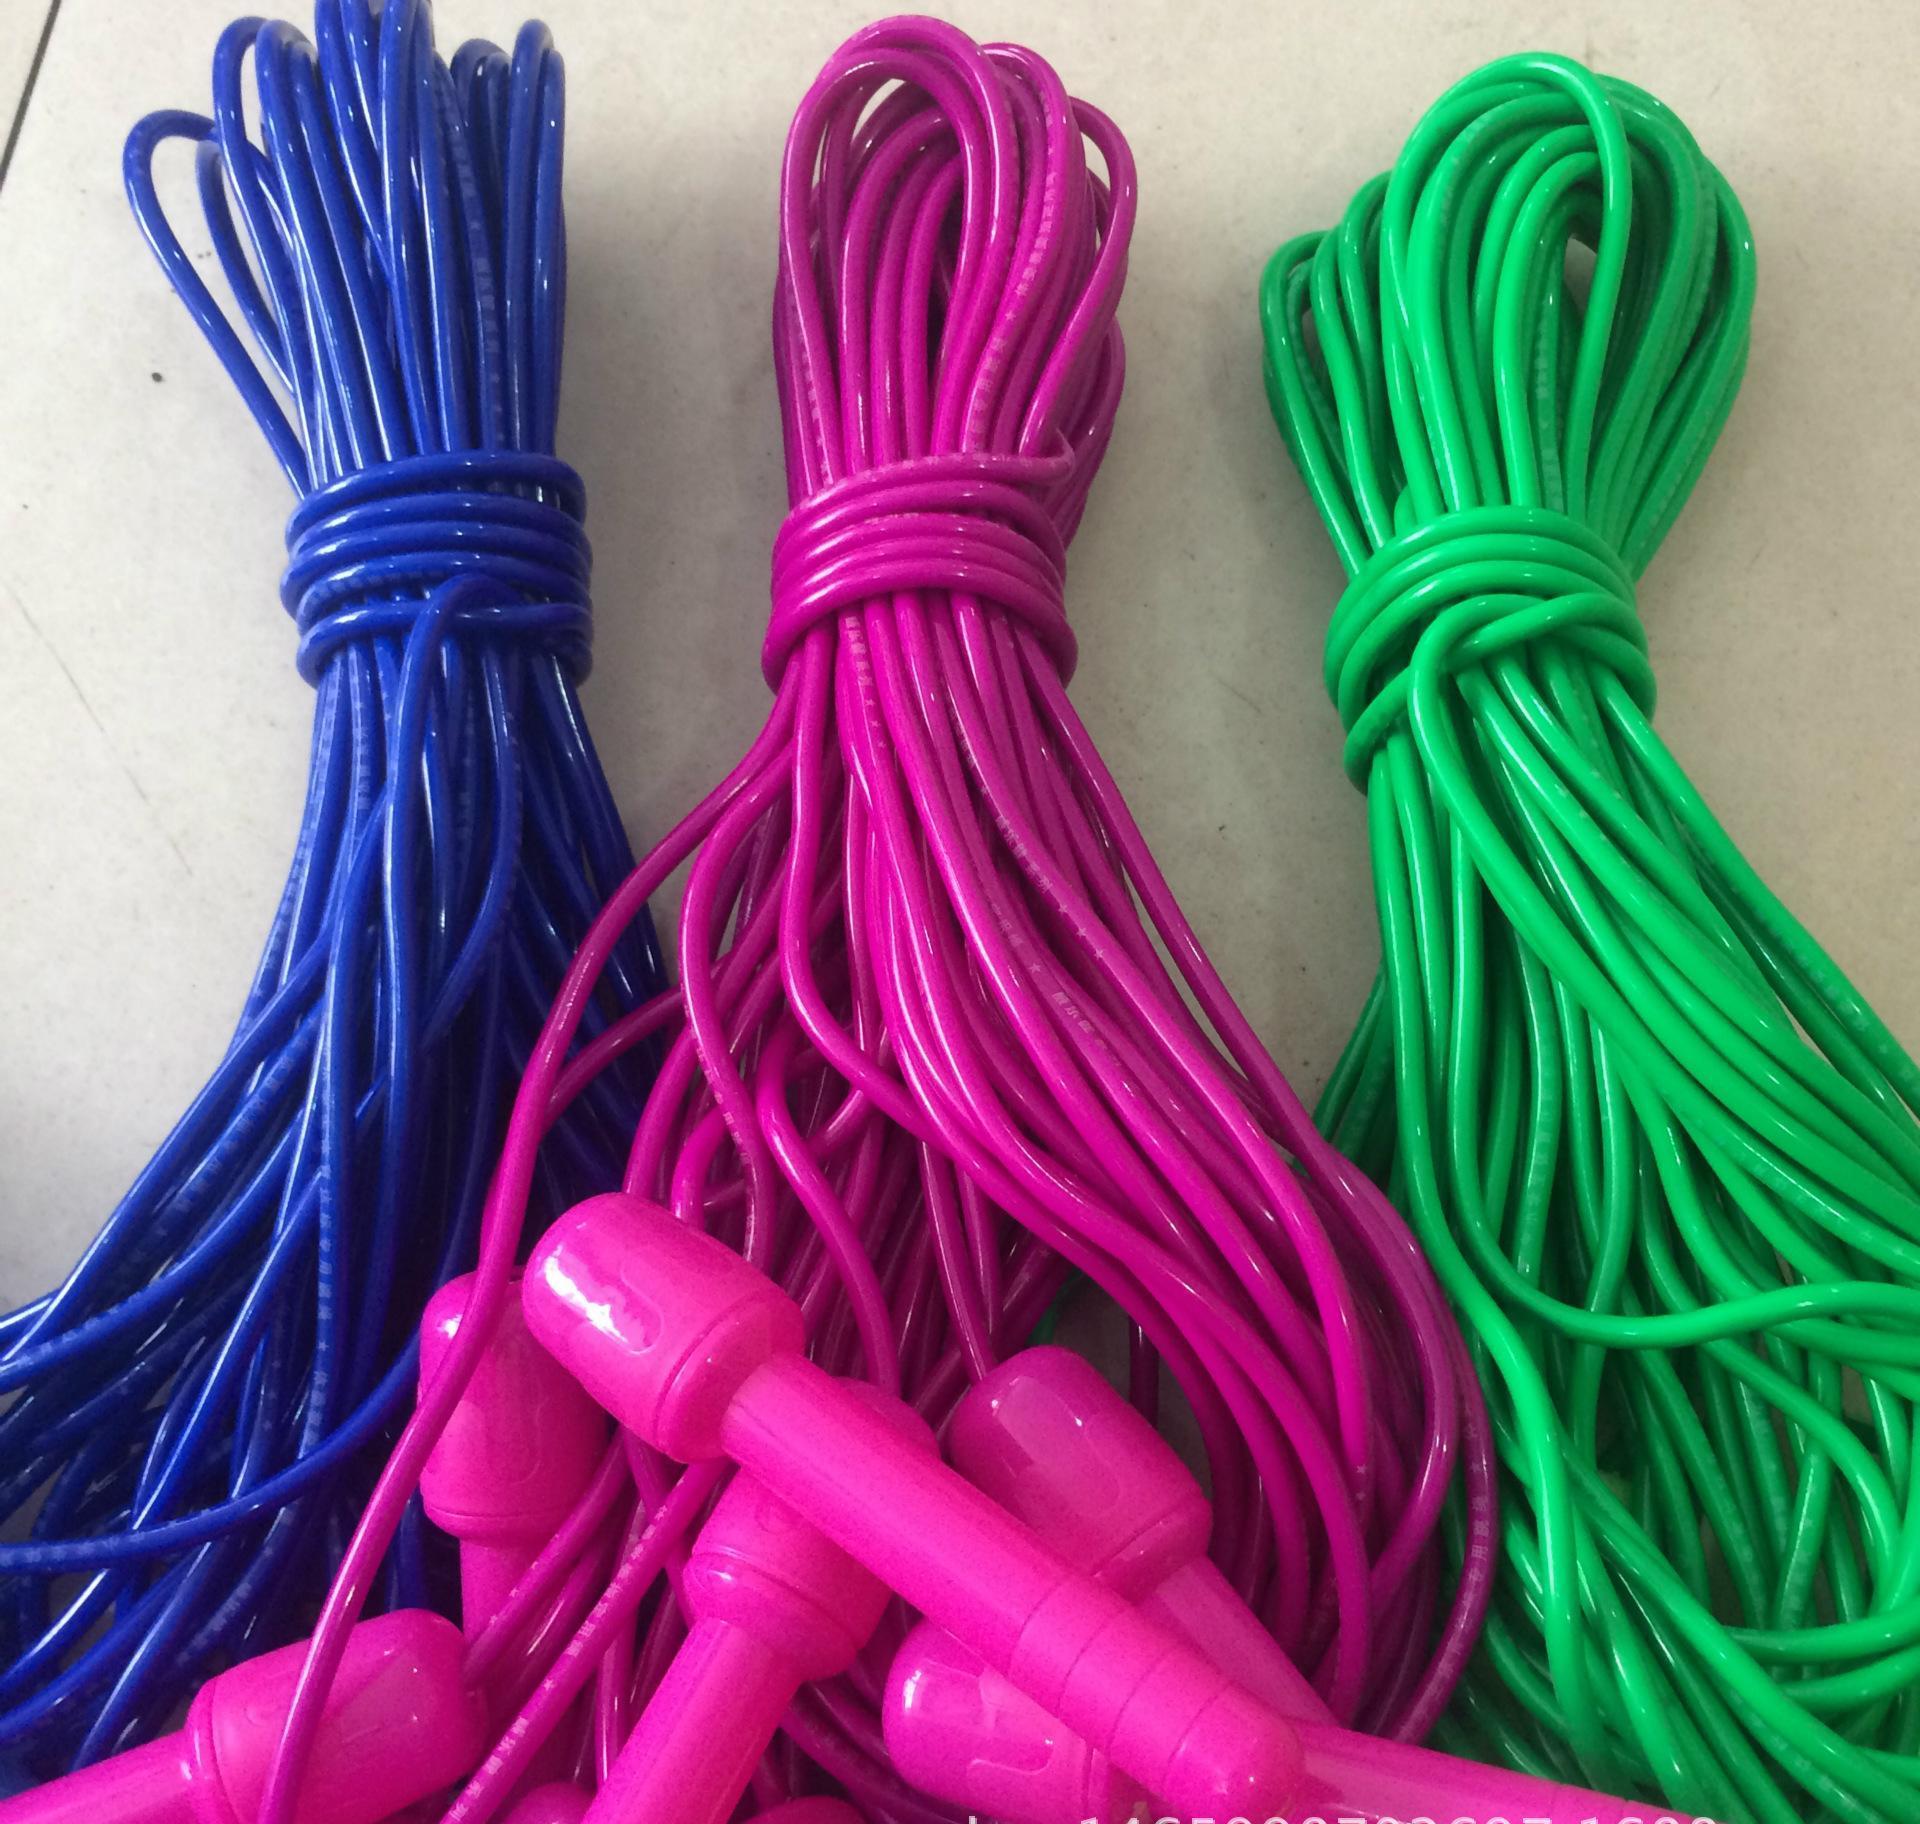 学生塑料跳绳 单把单色塑料跳绳 学生锻炼用大柄跳绳 批发